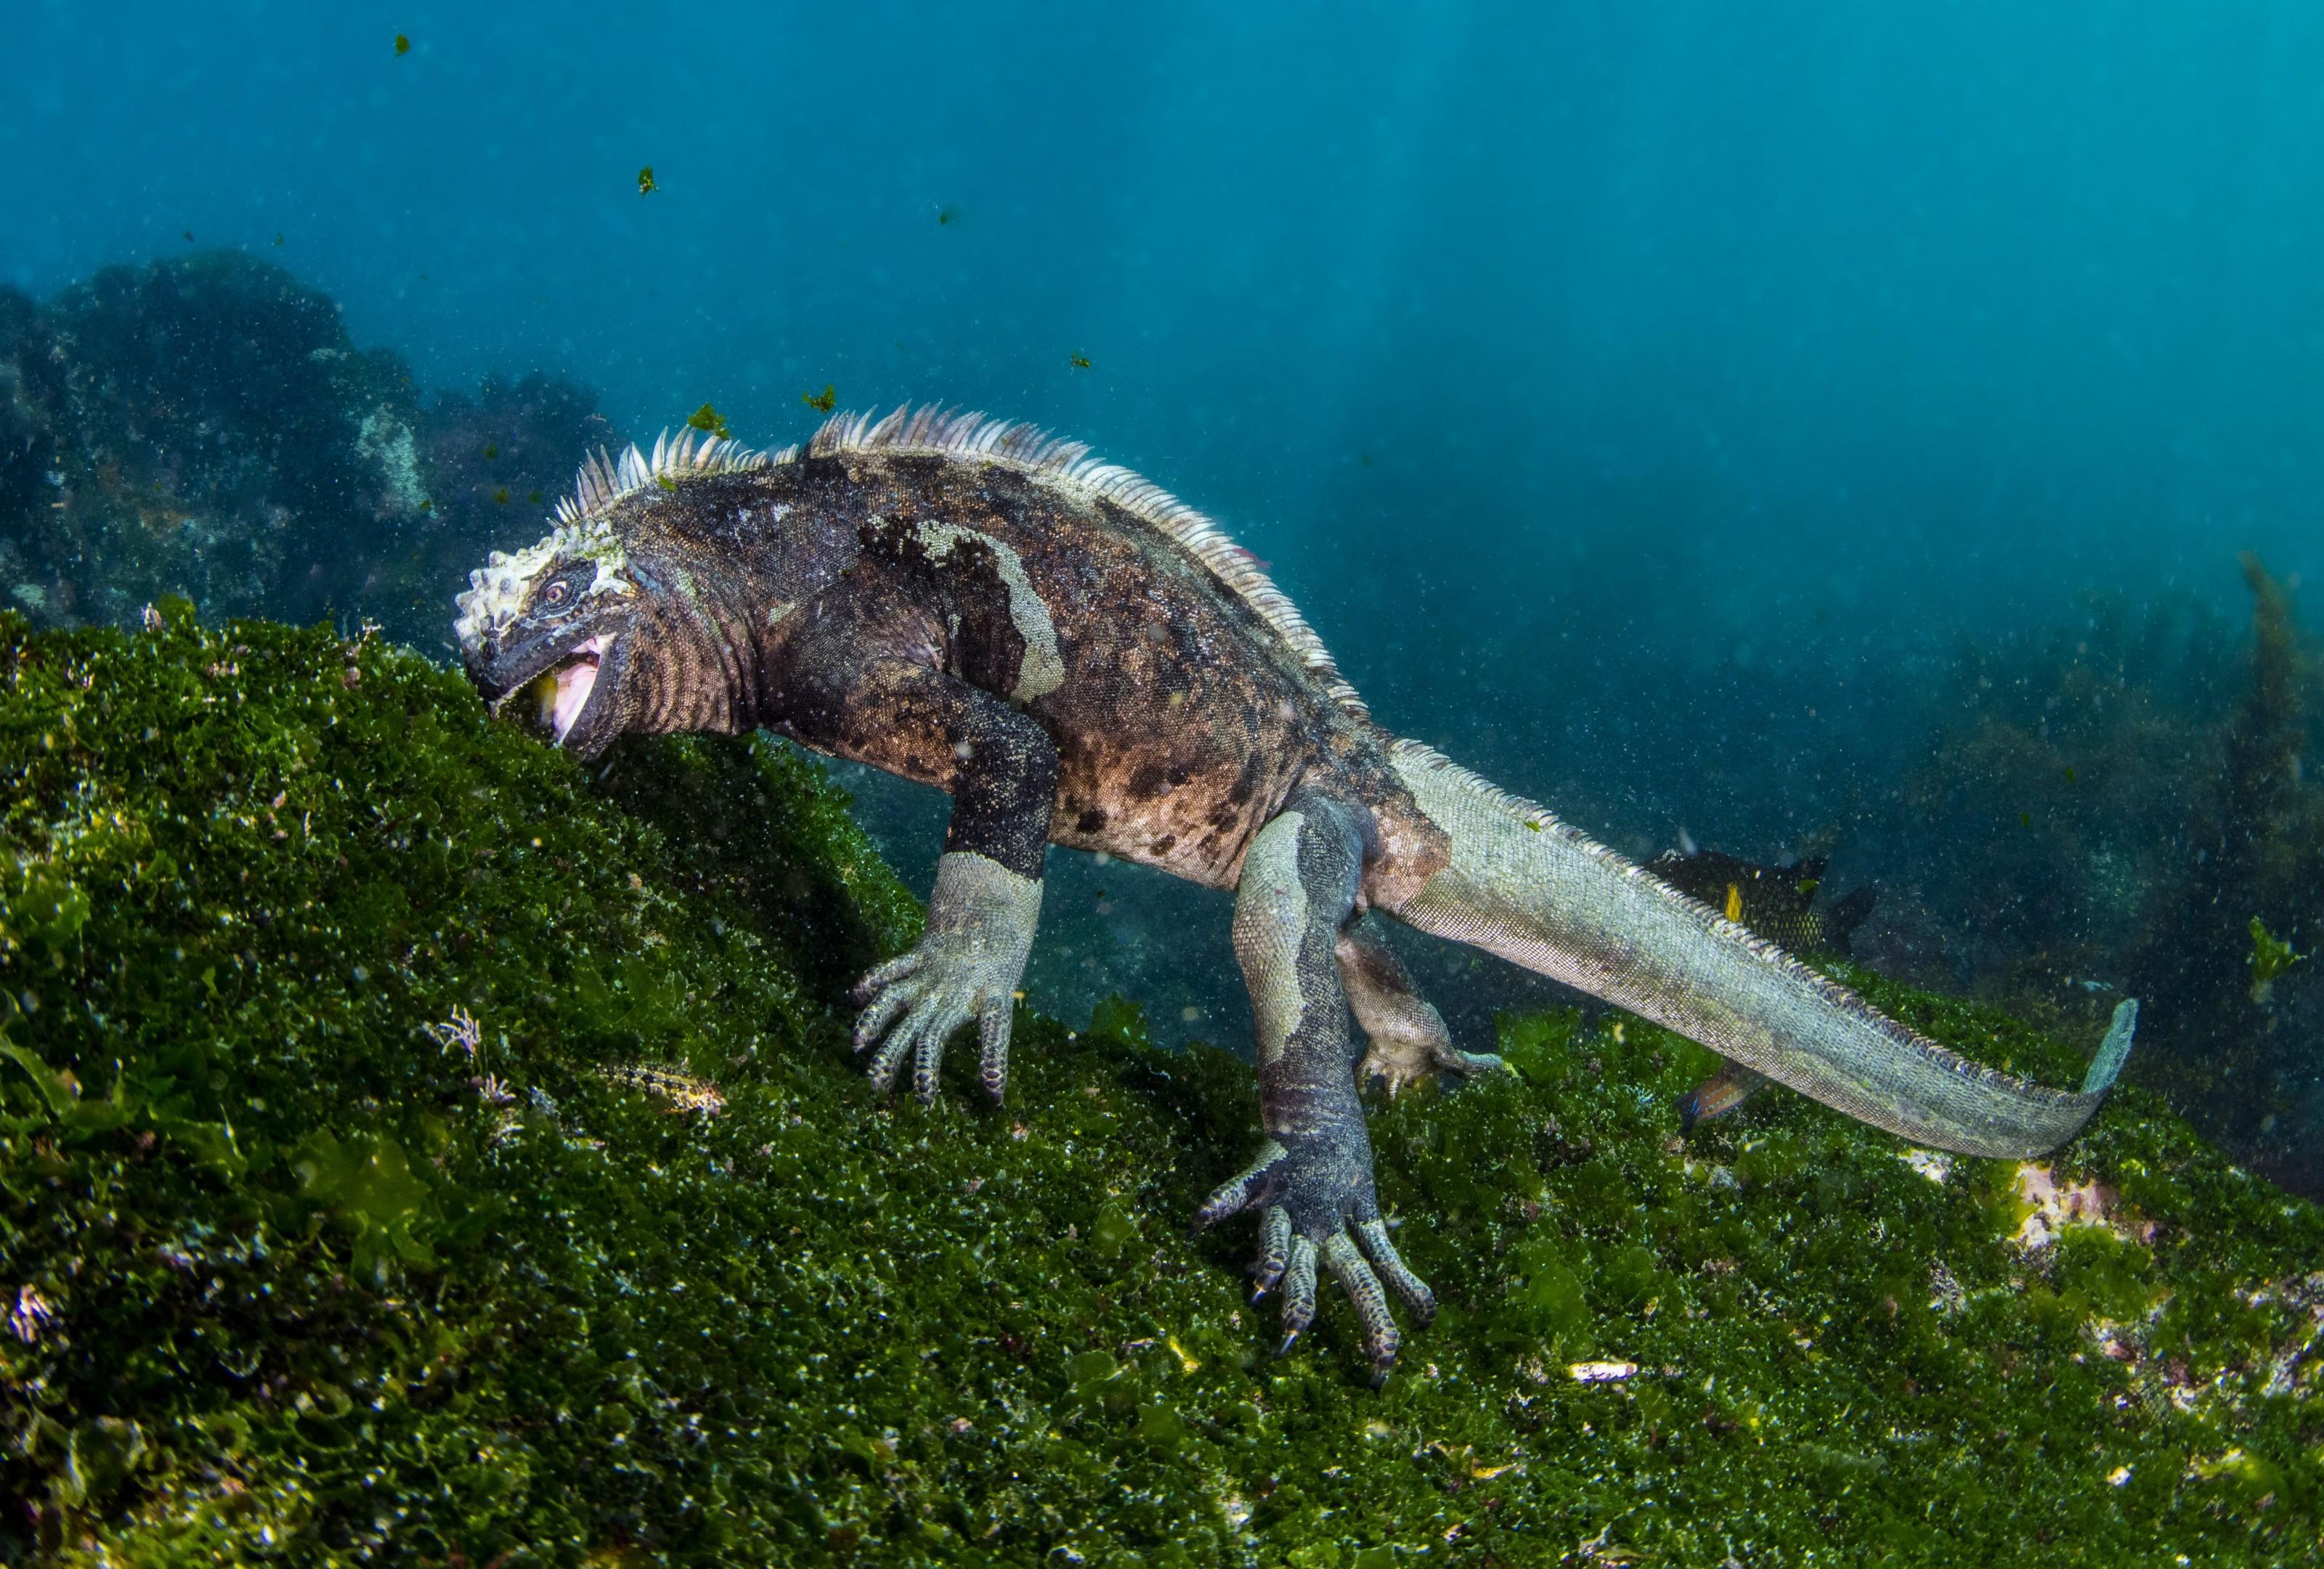 iguana comendo vegetais no mar dos galápagos